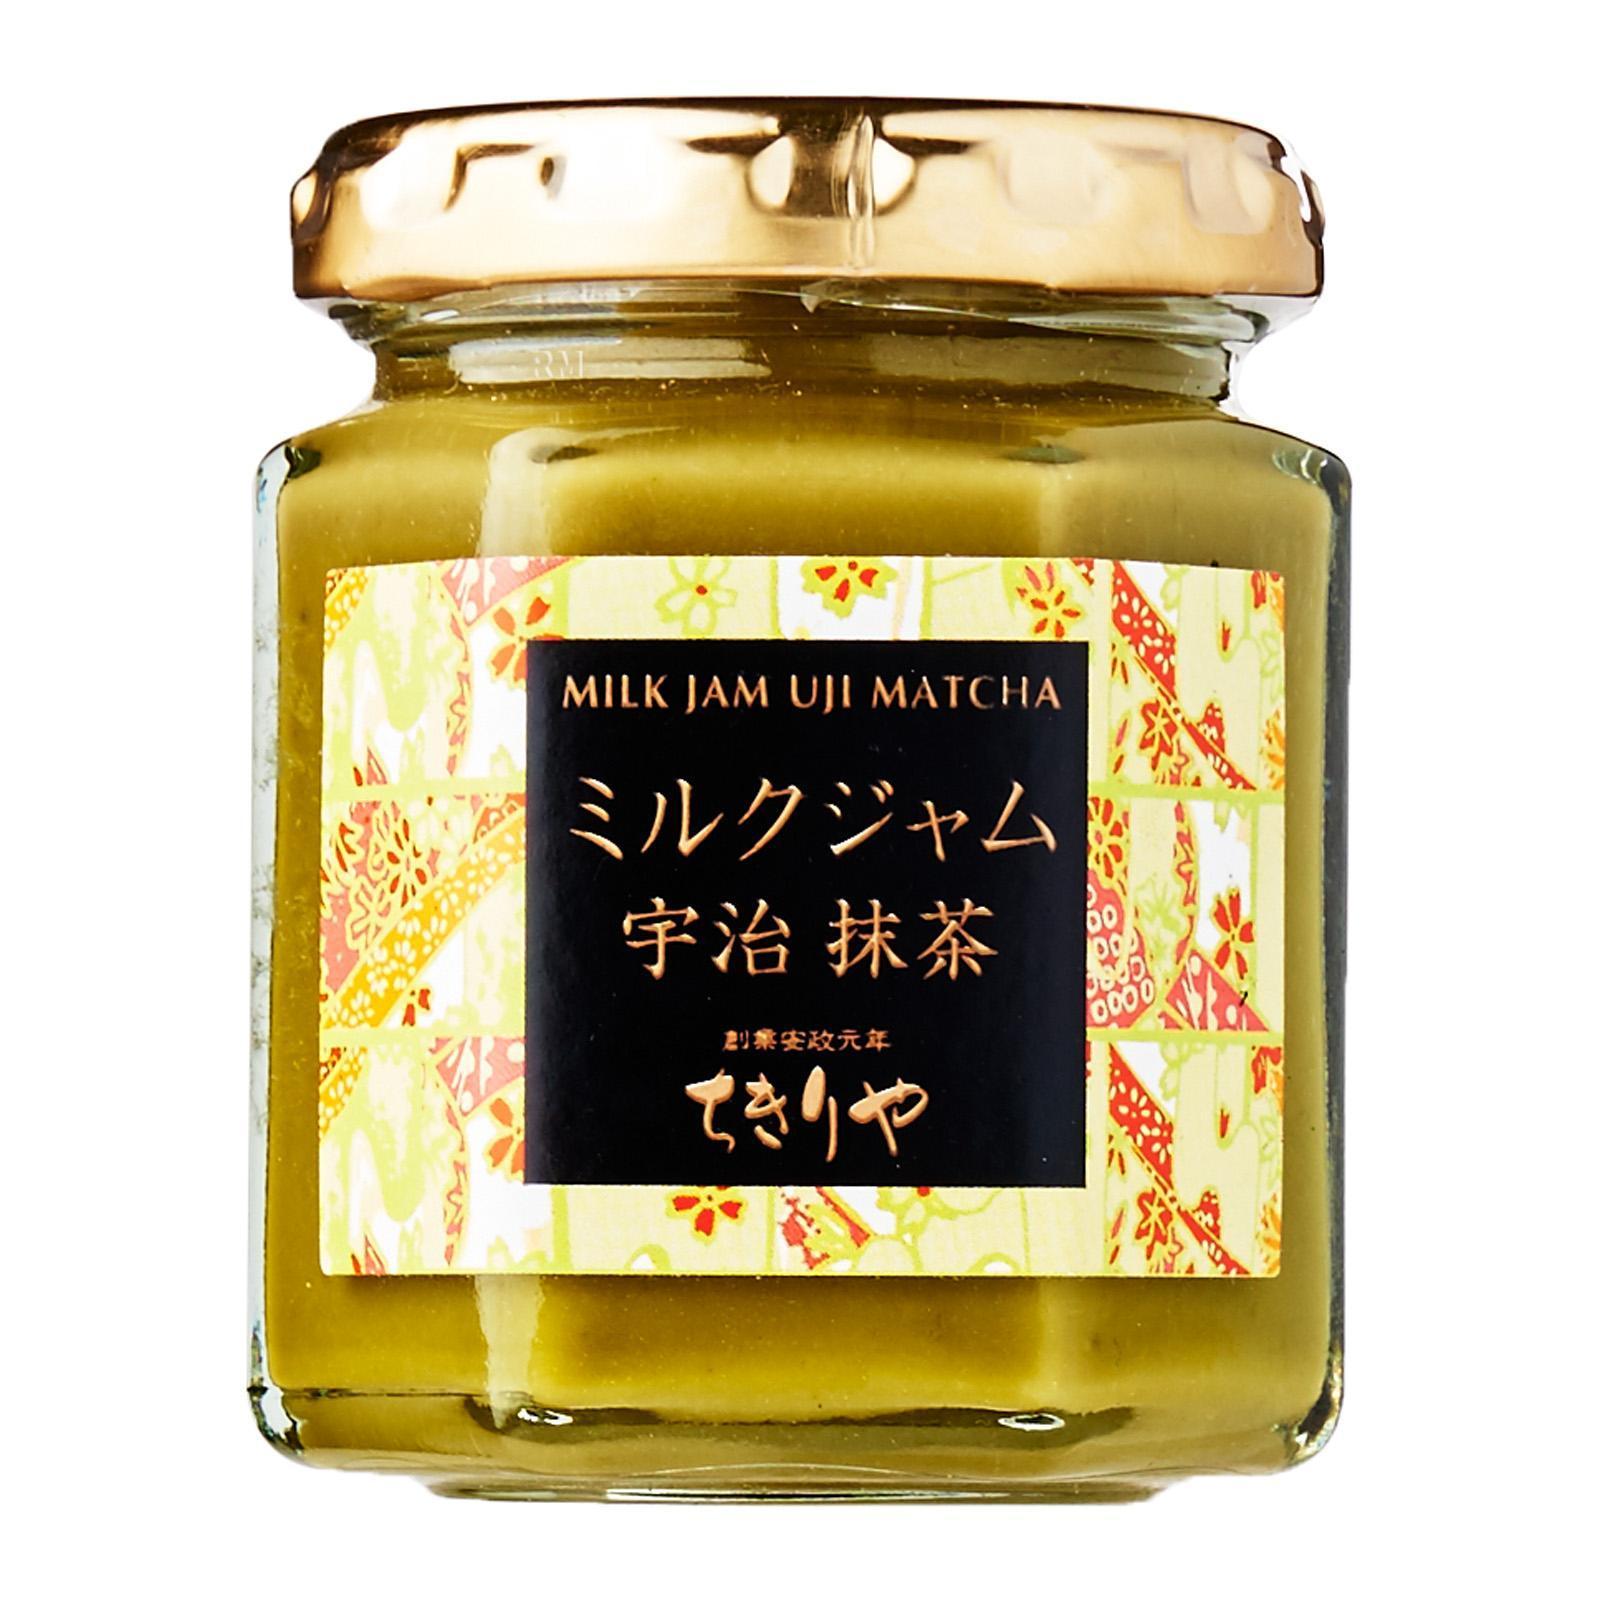 Kyo Chikiriya Milk Jam Uji Matcha - Kirei